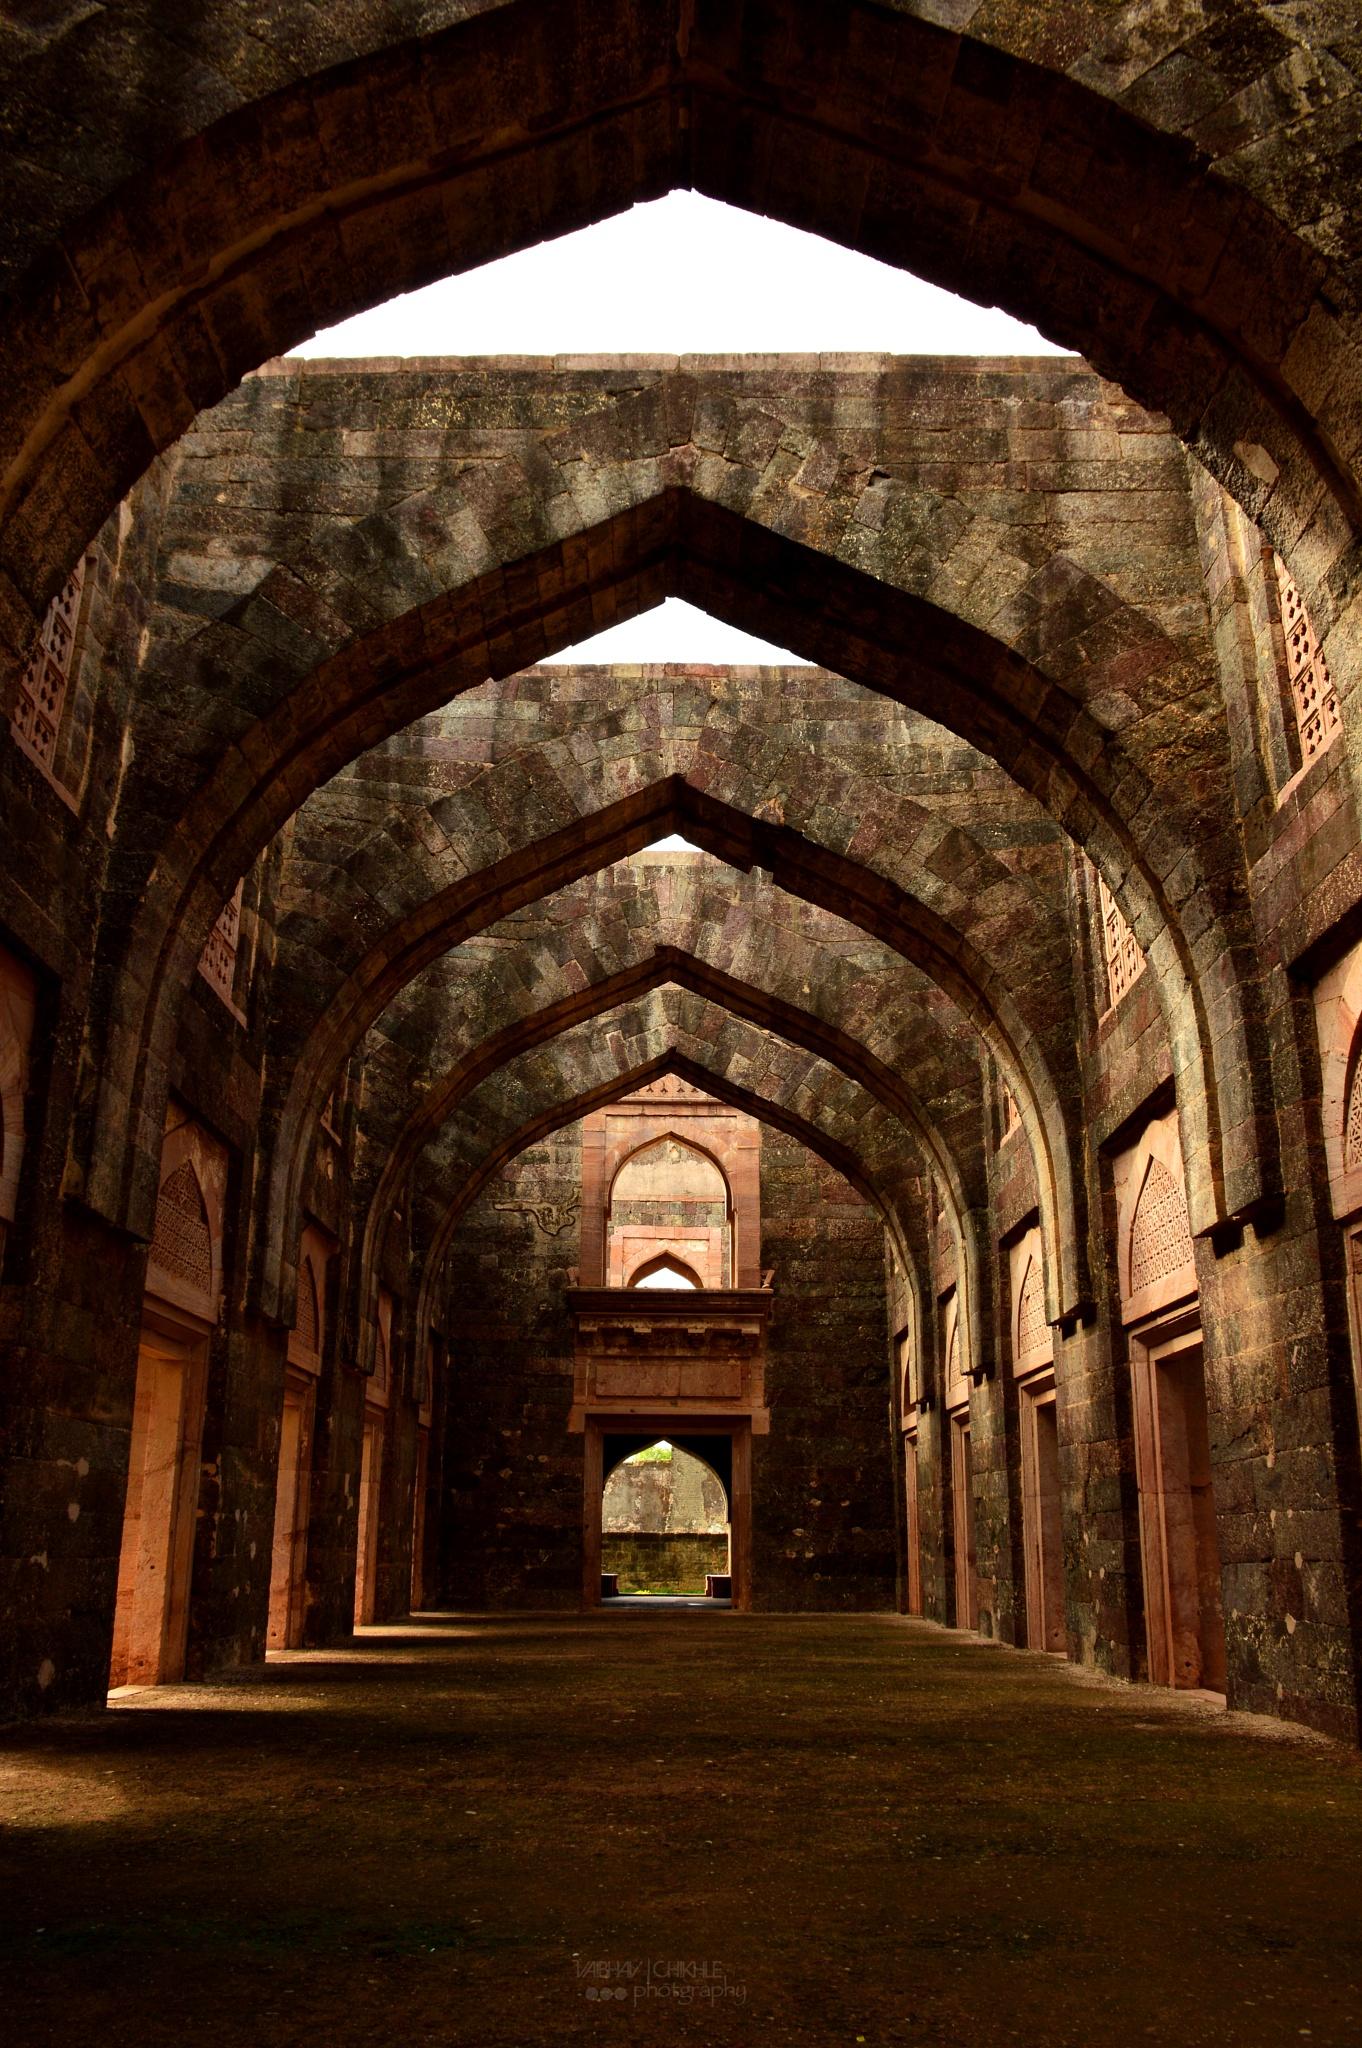 swing palace, madhya pradesh(india) by vaibhav chikhle